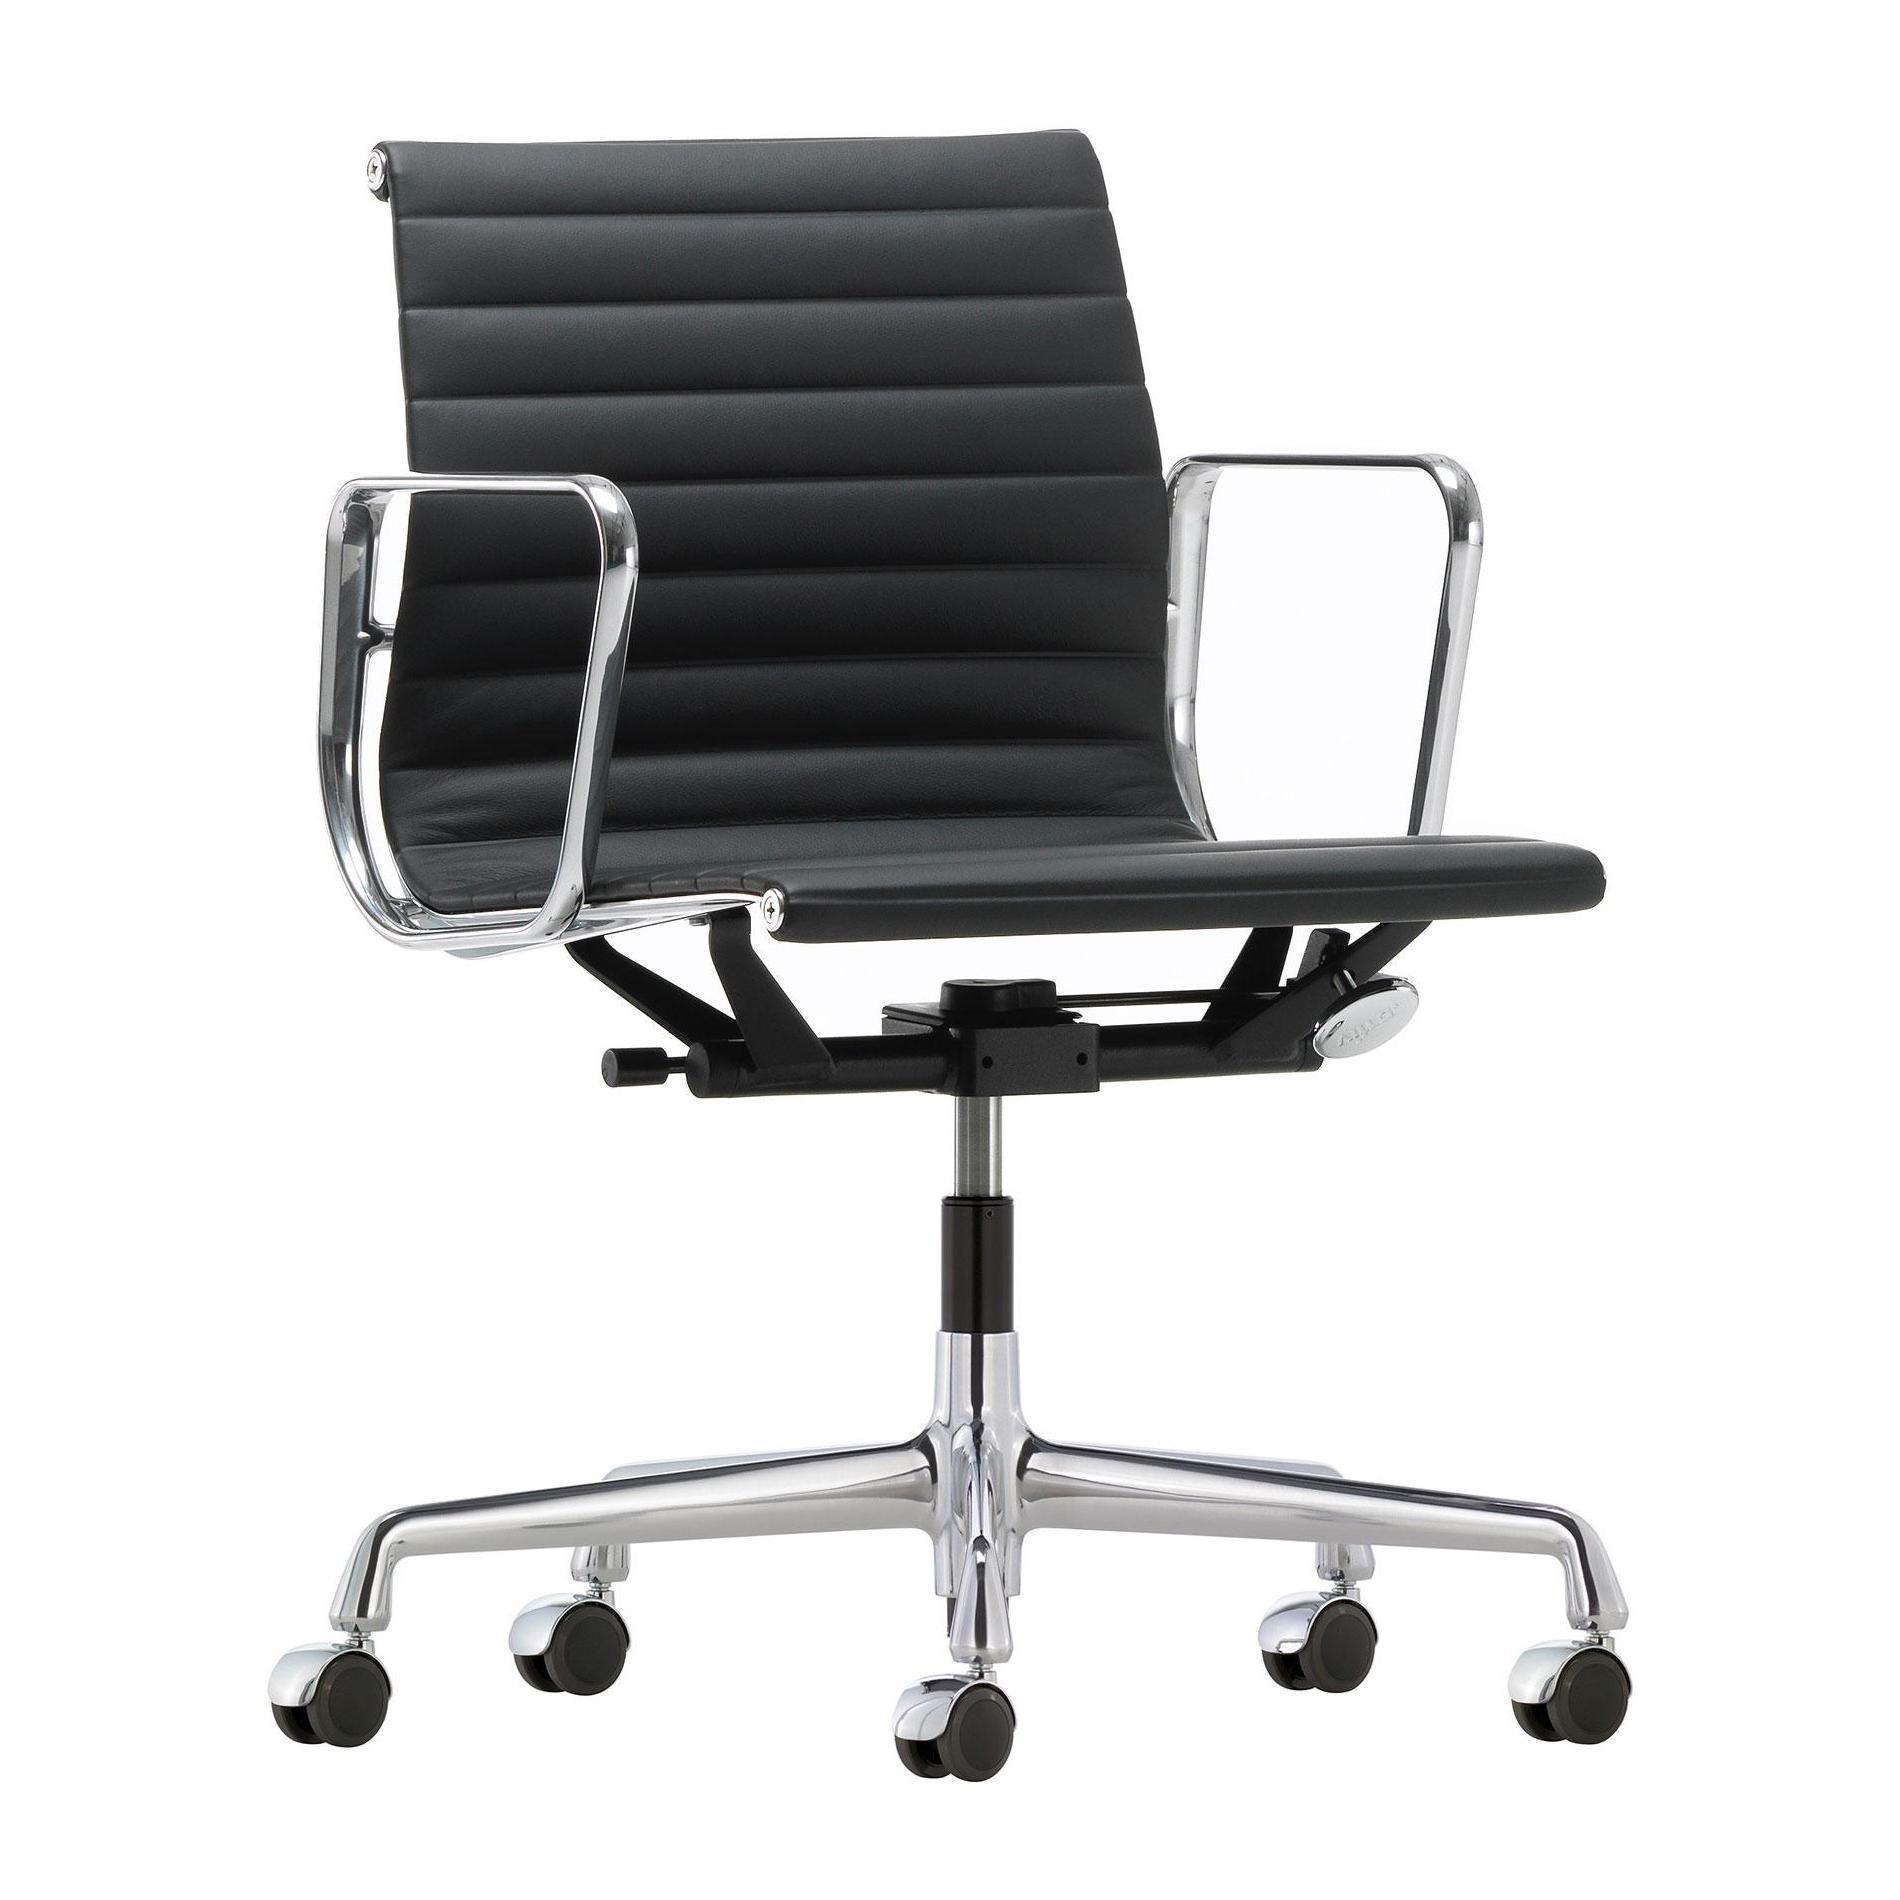 Vitra designové kancelářské židle Alu Group Ea 117